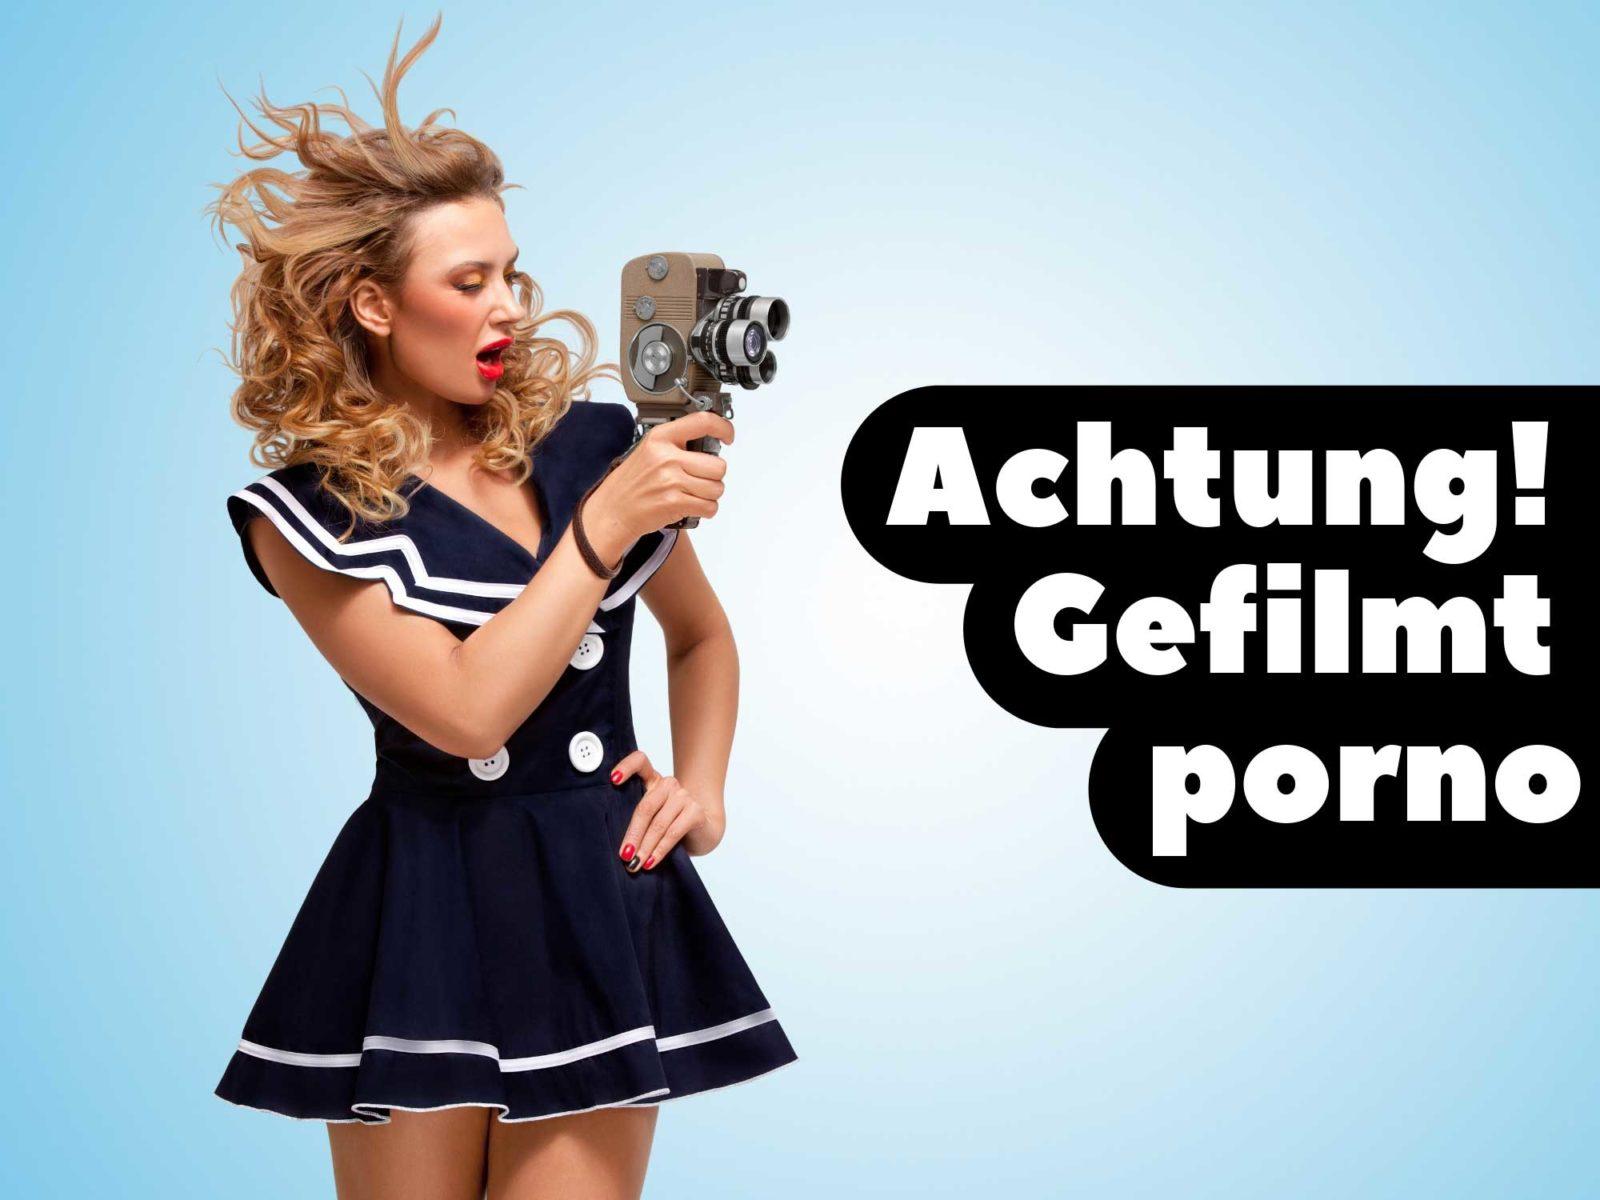 Процесс съёмок порно